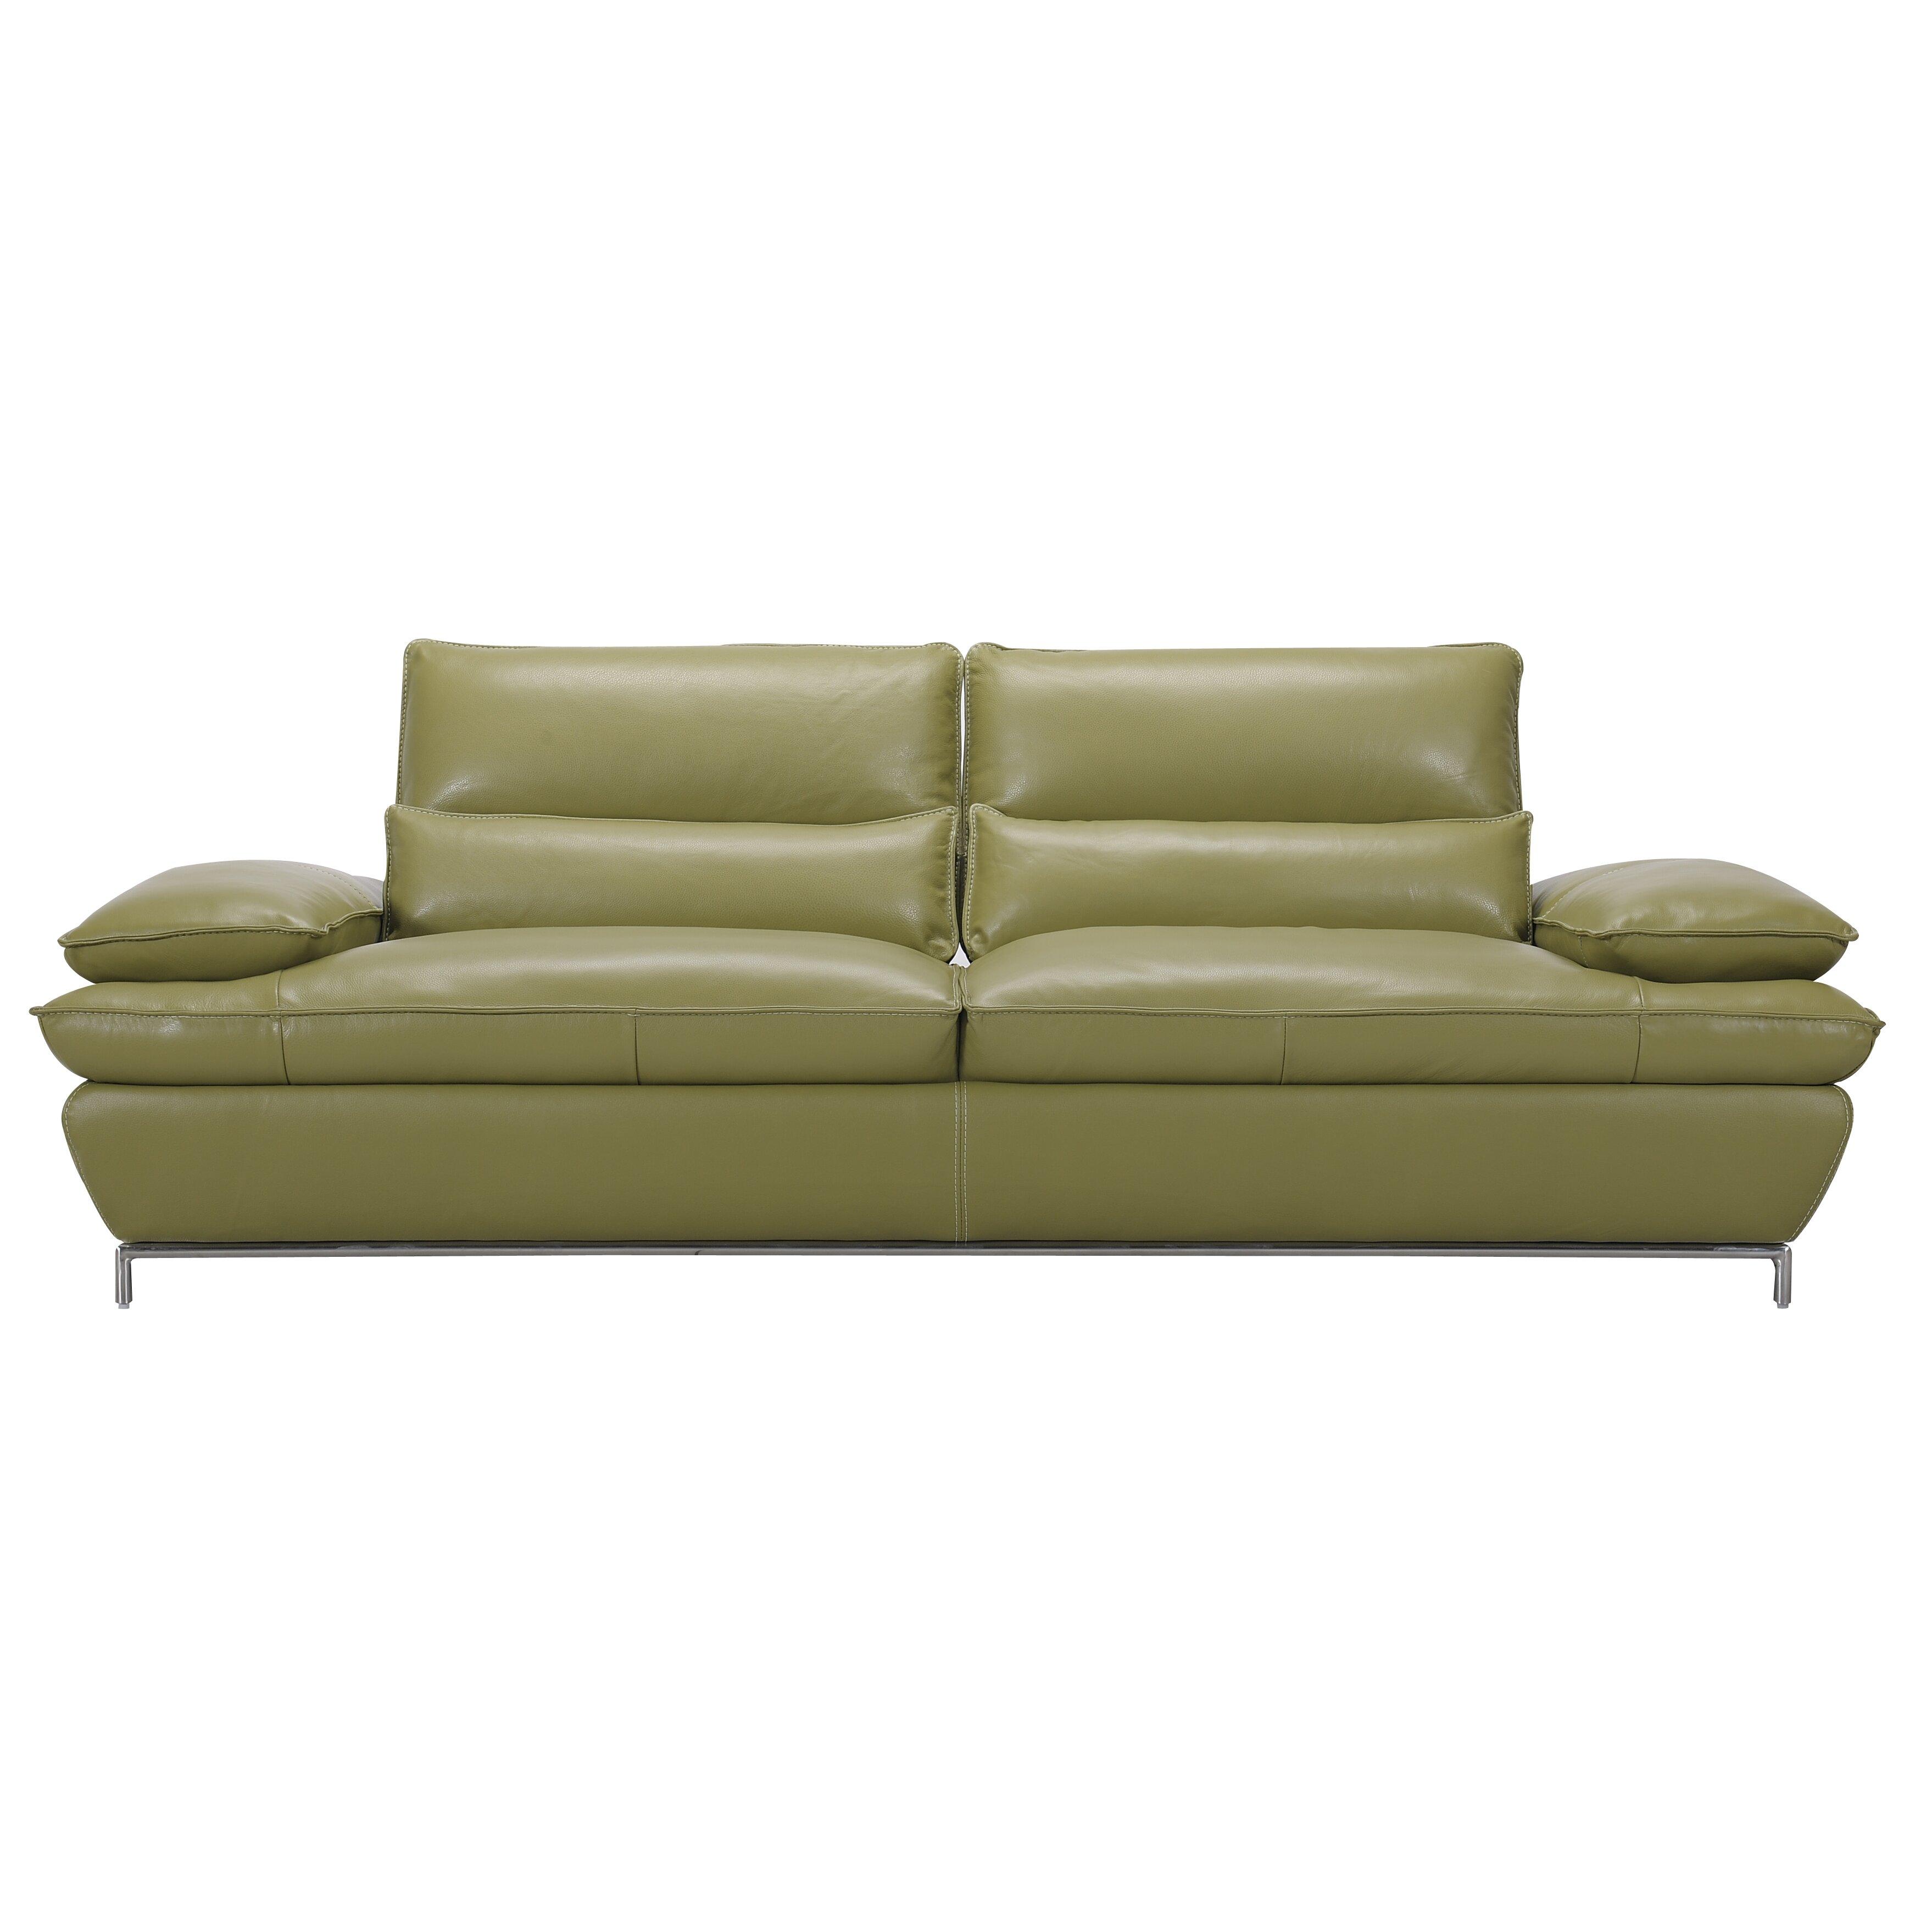 Creative Furniture Naomi Leather Sofa Reviews Wayfair